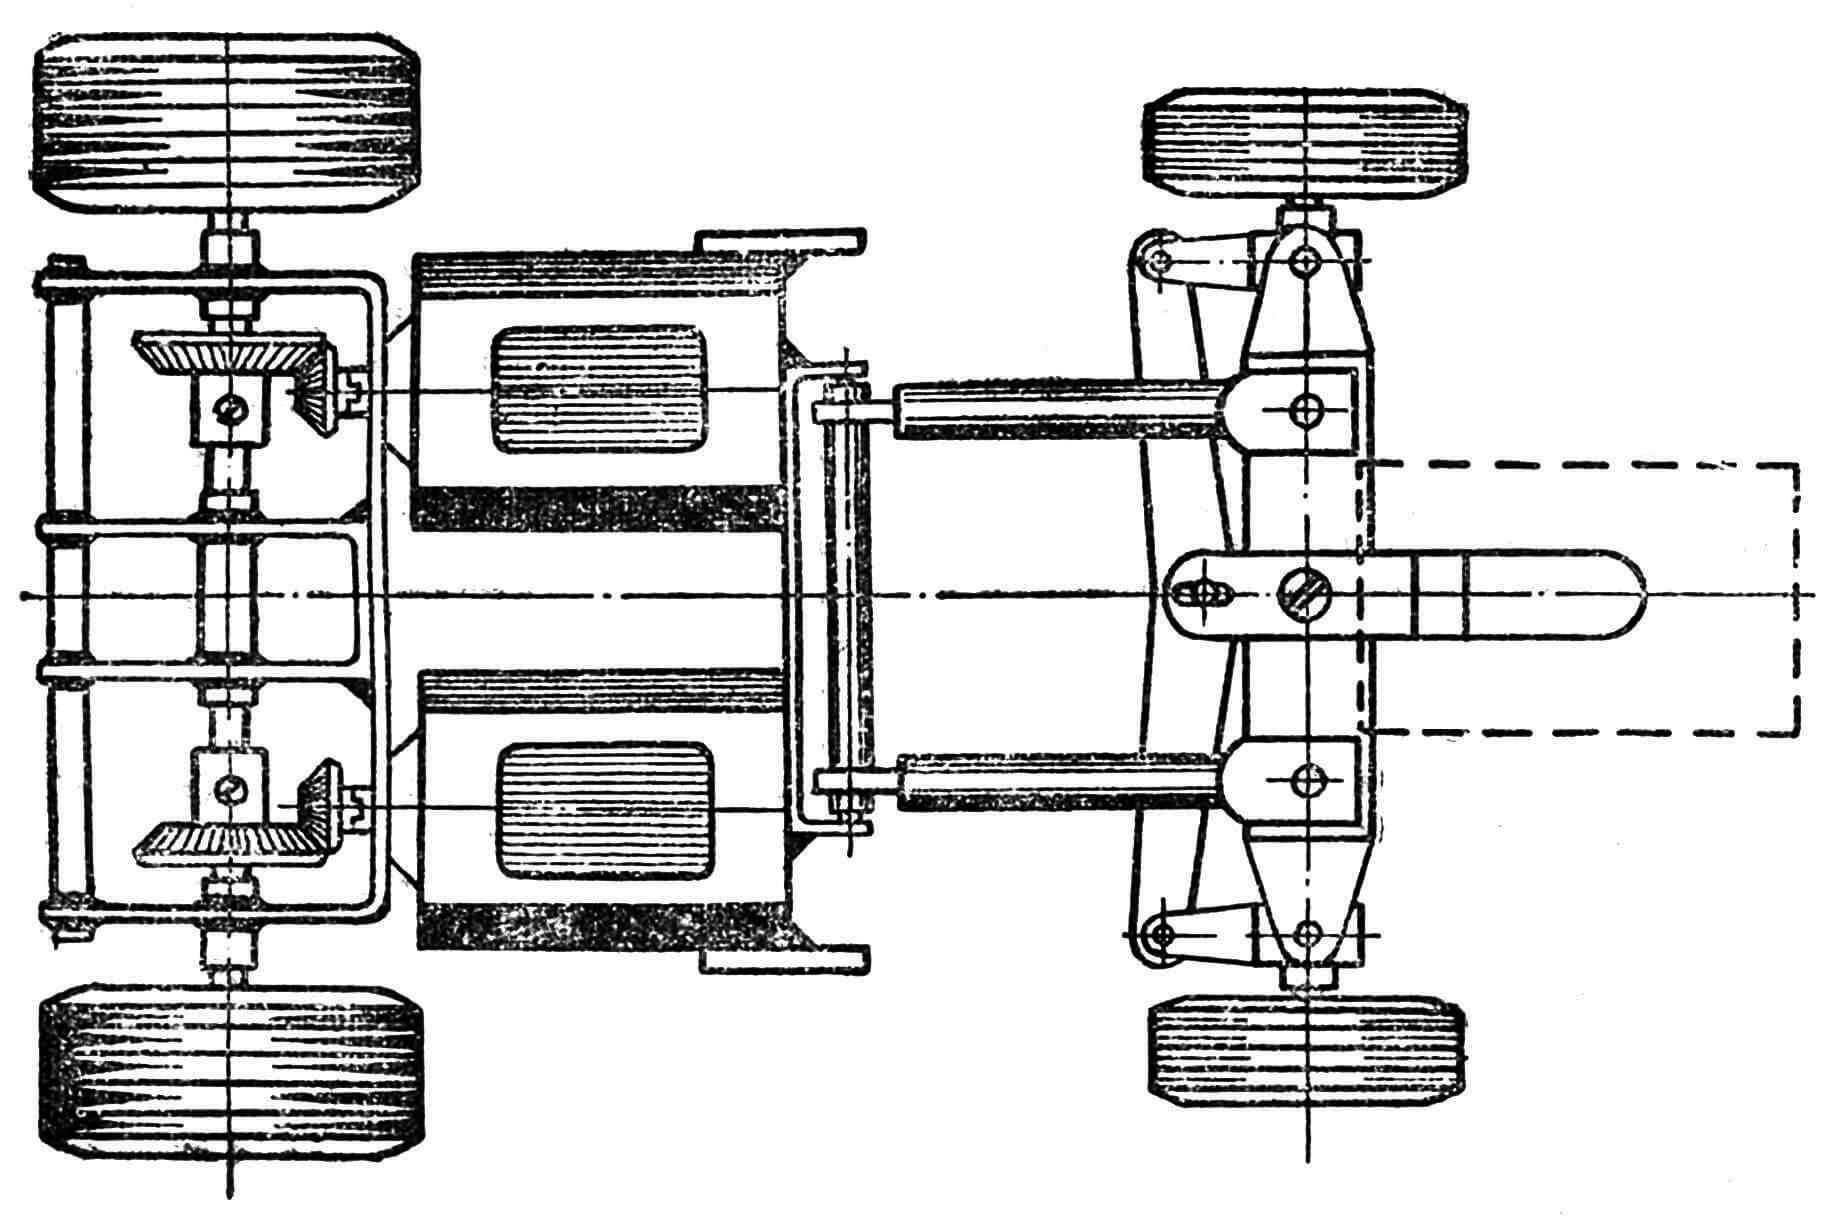 Рис. 3. Вид в плане шасси модели.